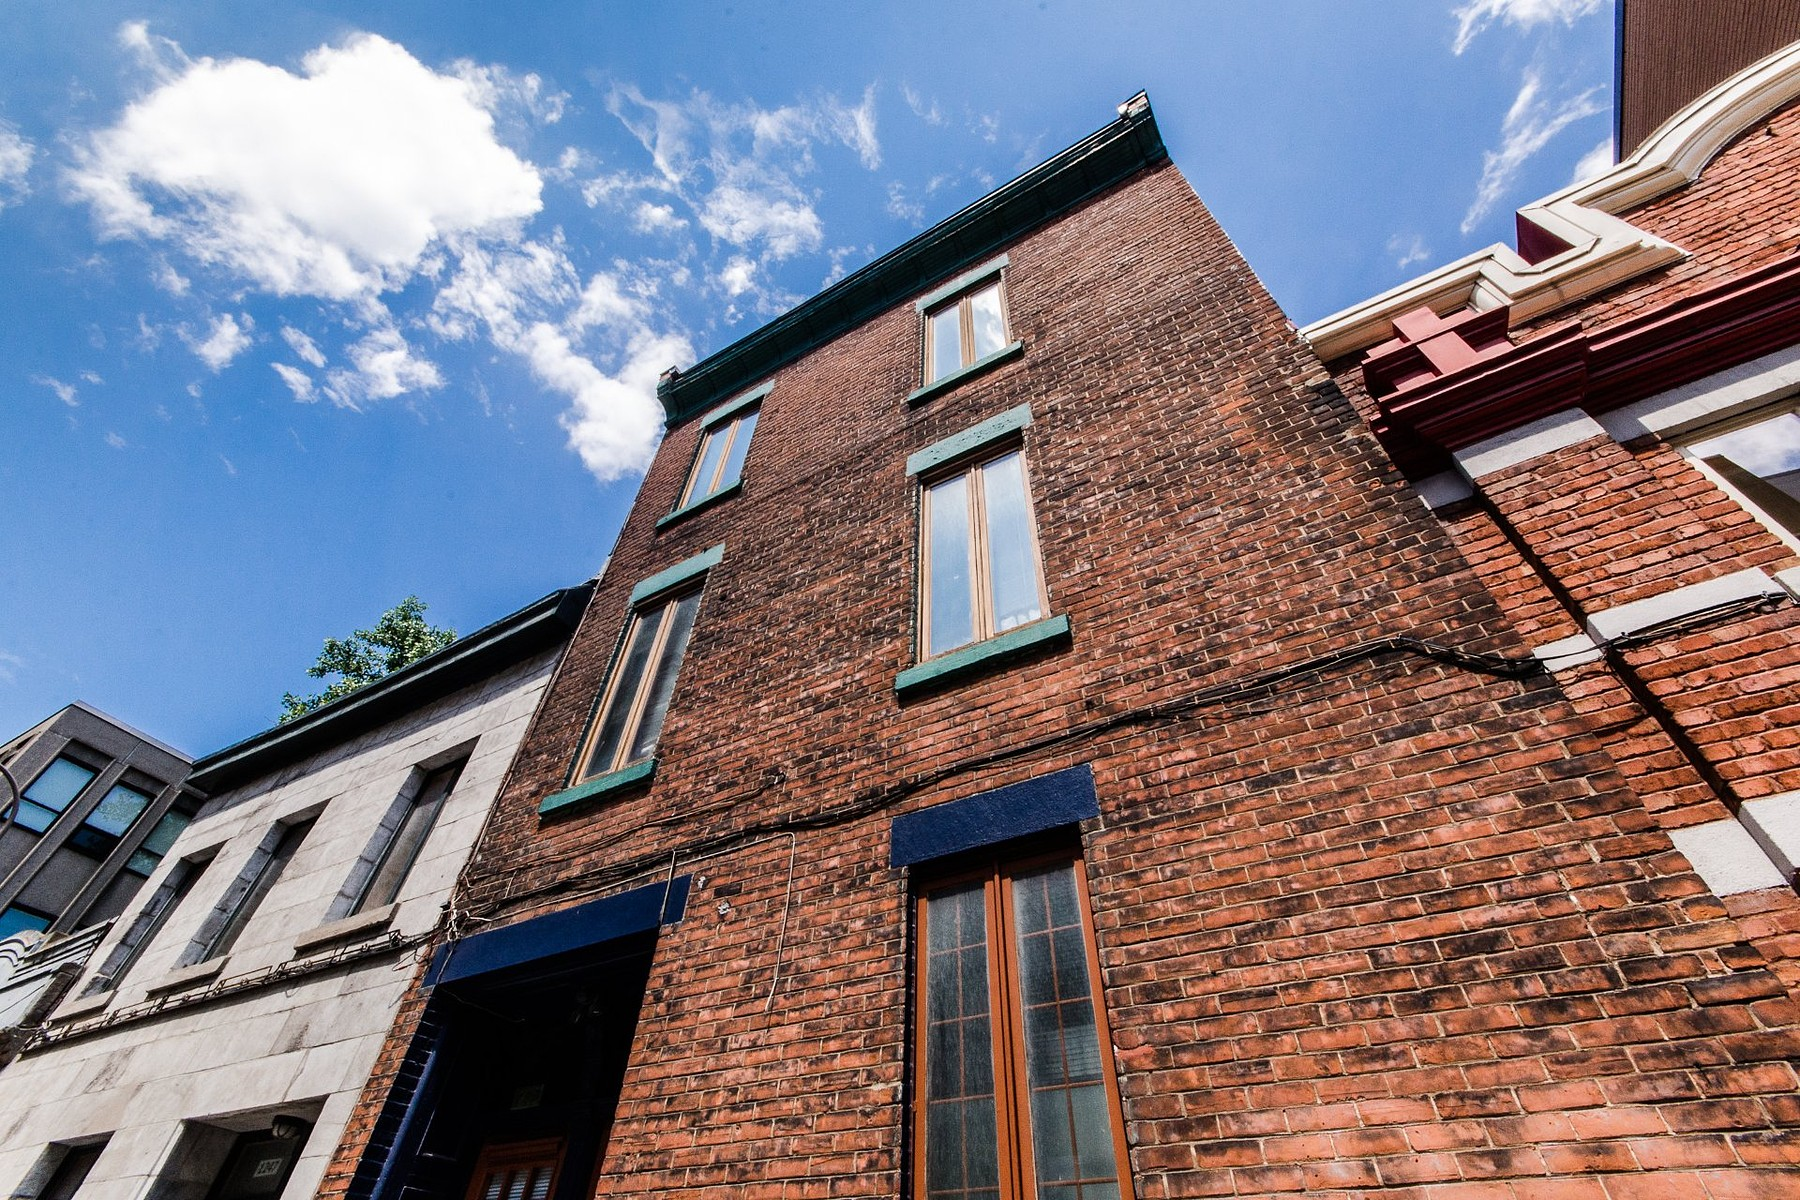 Single Family Home for Sale at Ville-Marie (Montréal), Montréal 1243 Av. de l'Hôtel-de-Ville Montreal, Quebec H2K3A9 Canada